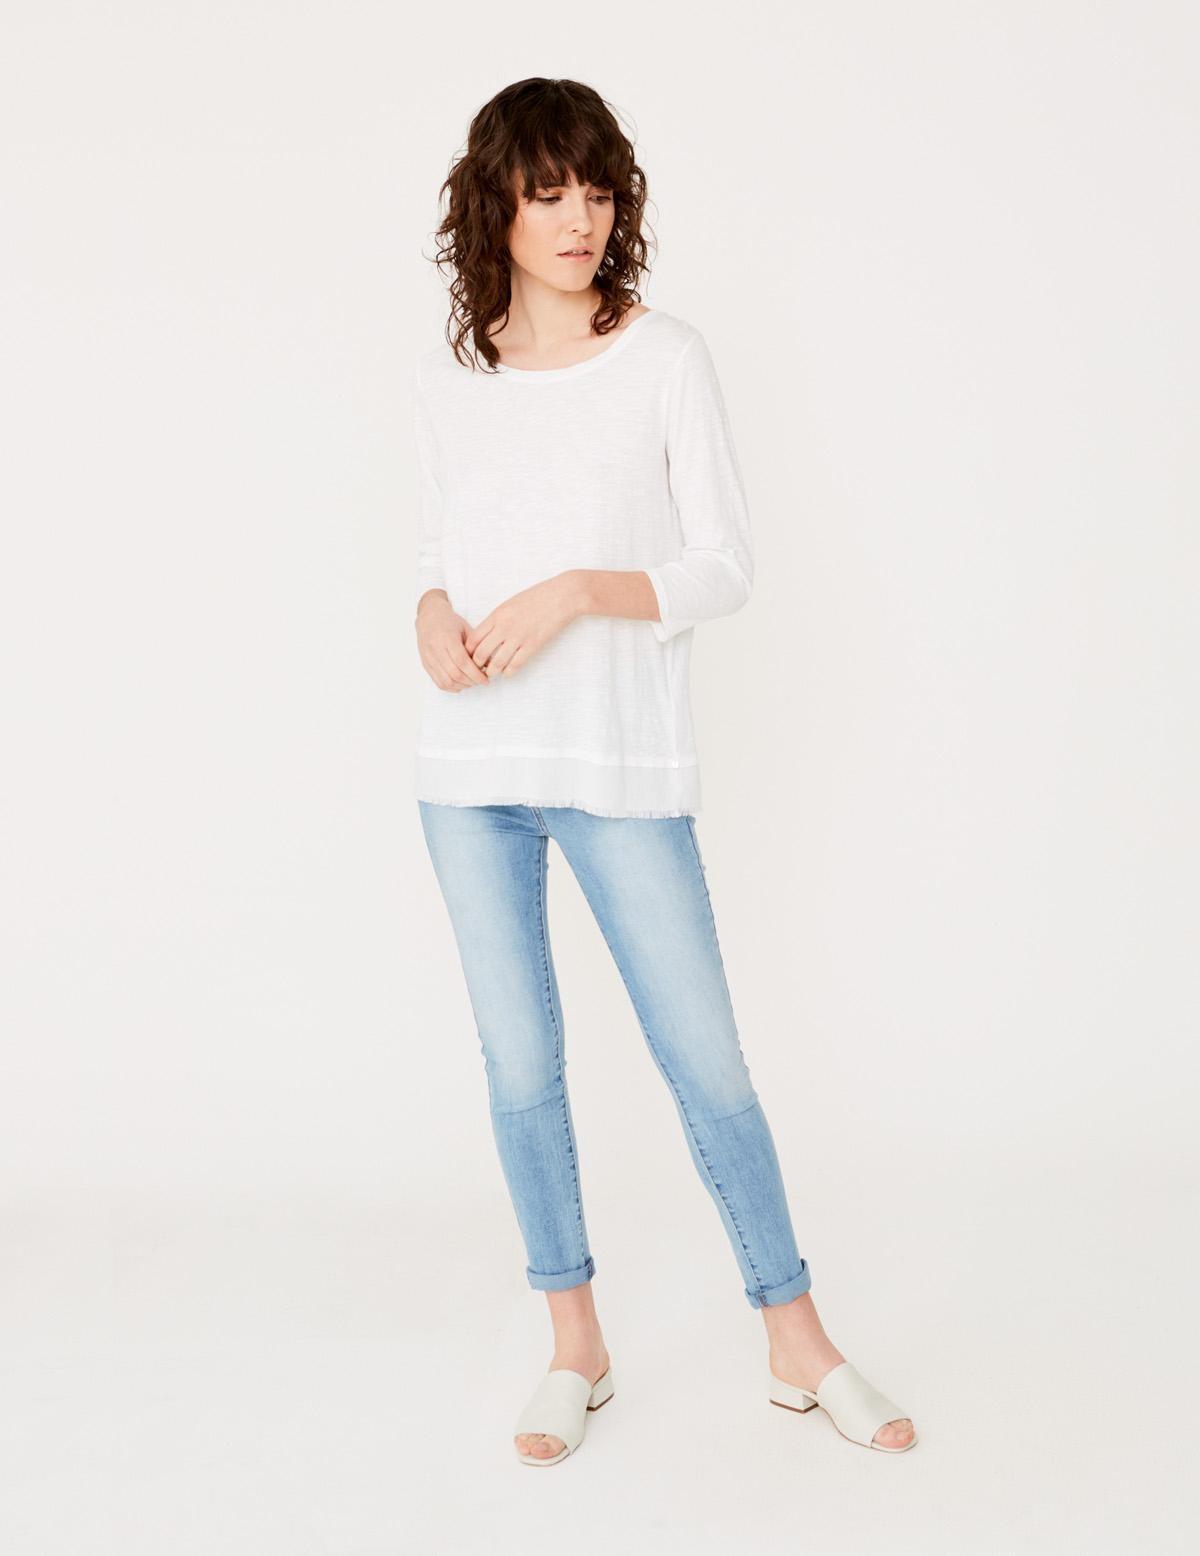 Camiseta cuello pico en espalda - Ítem1